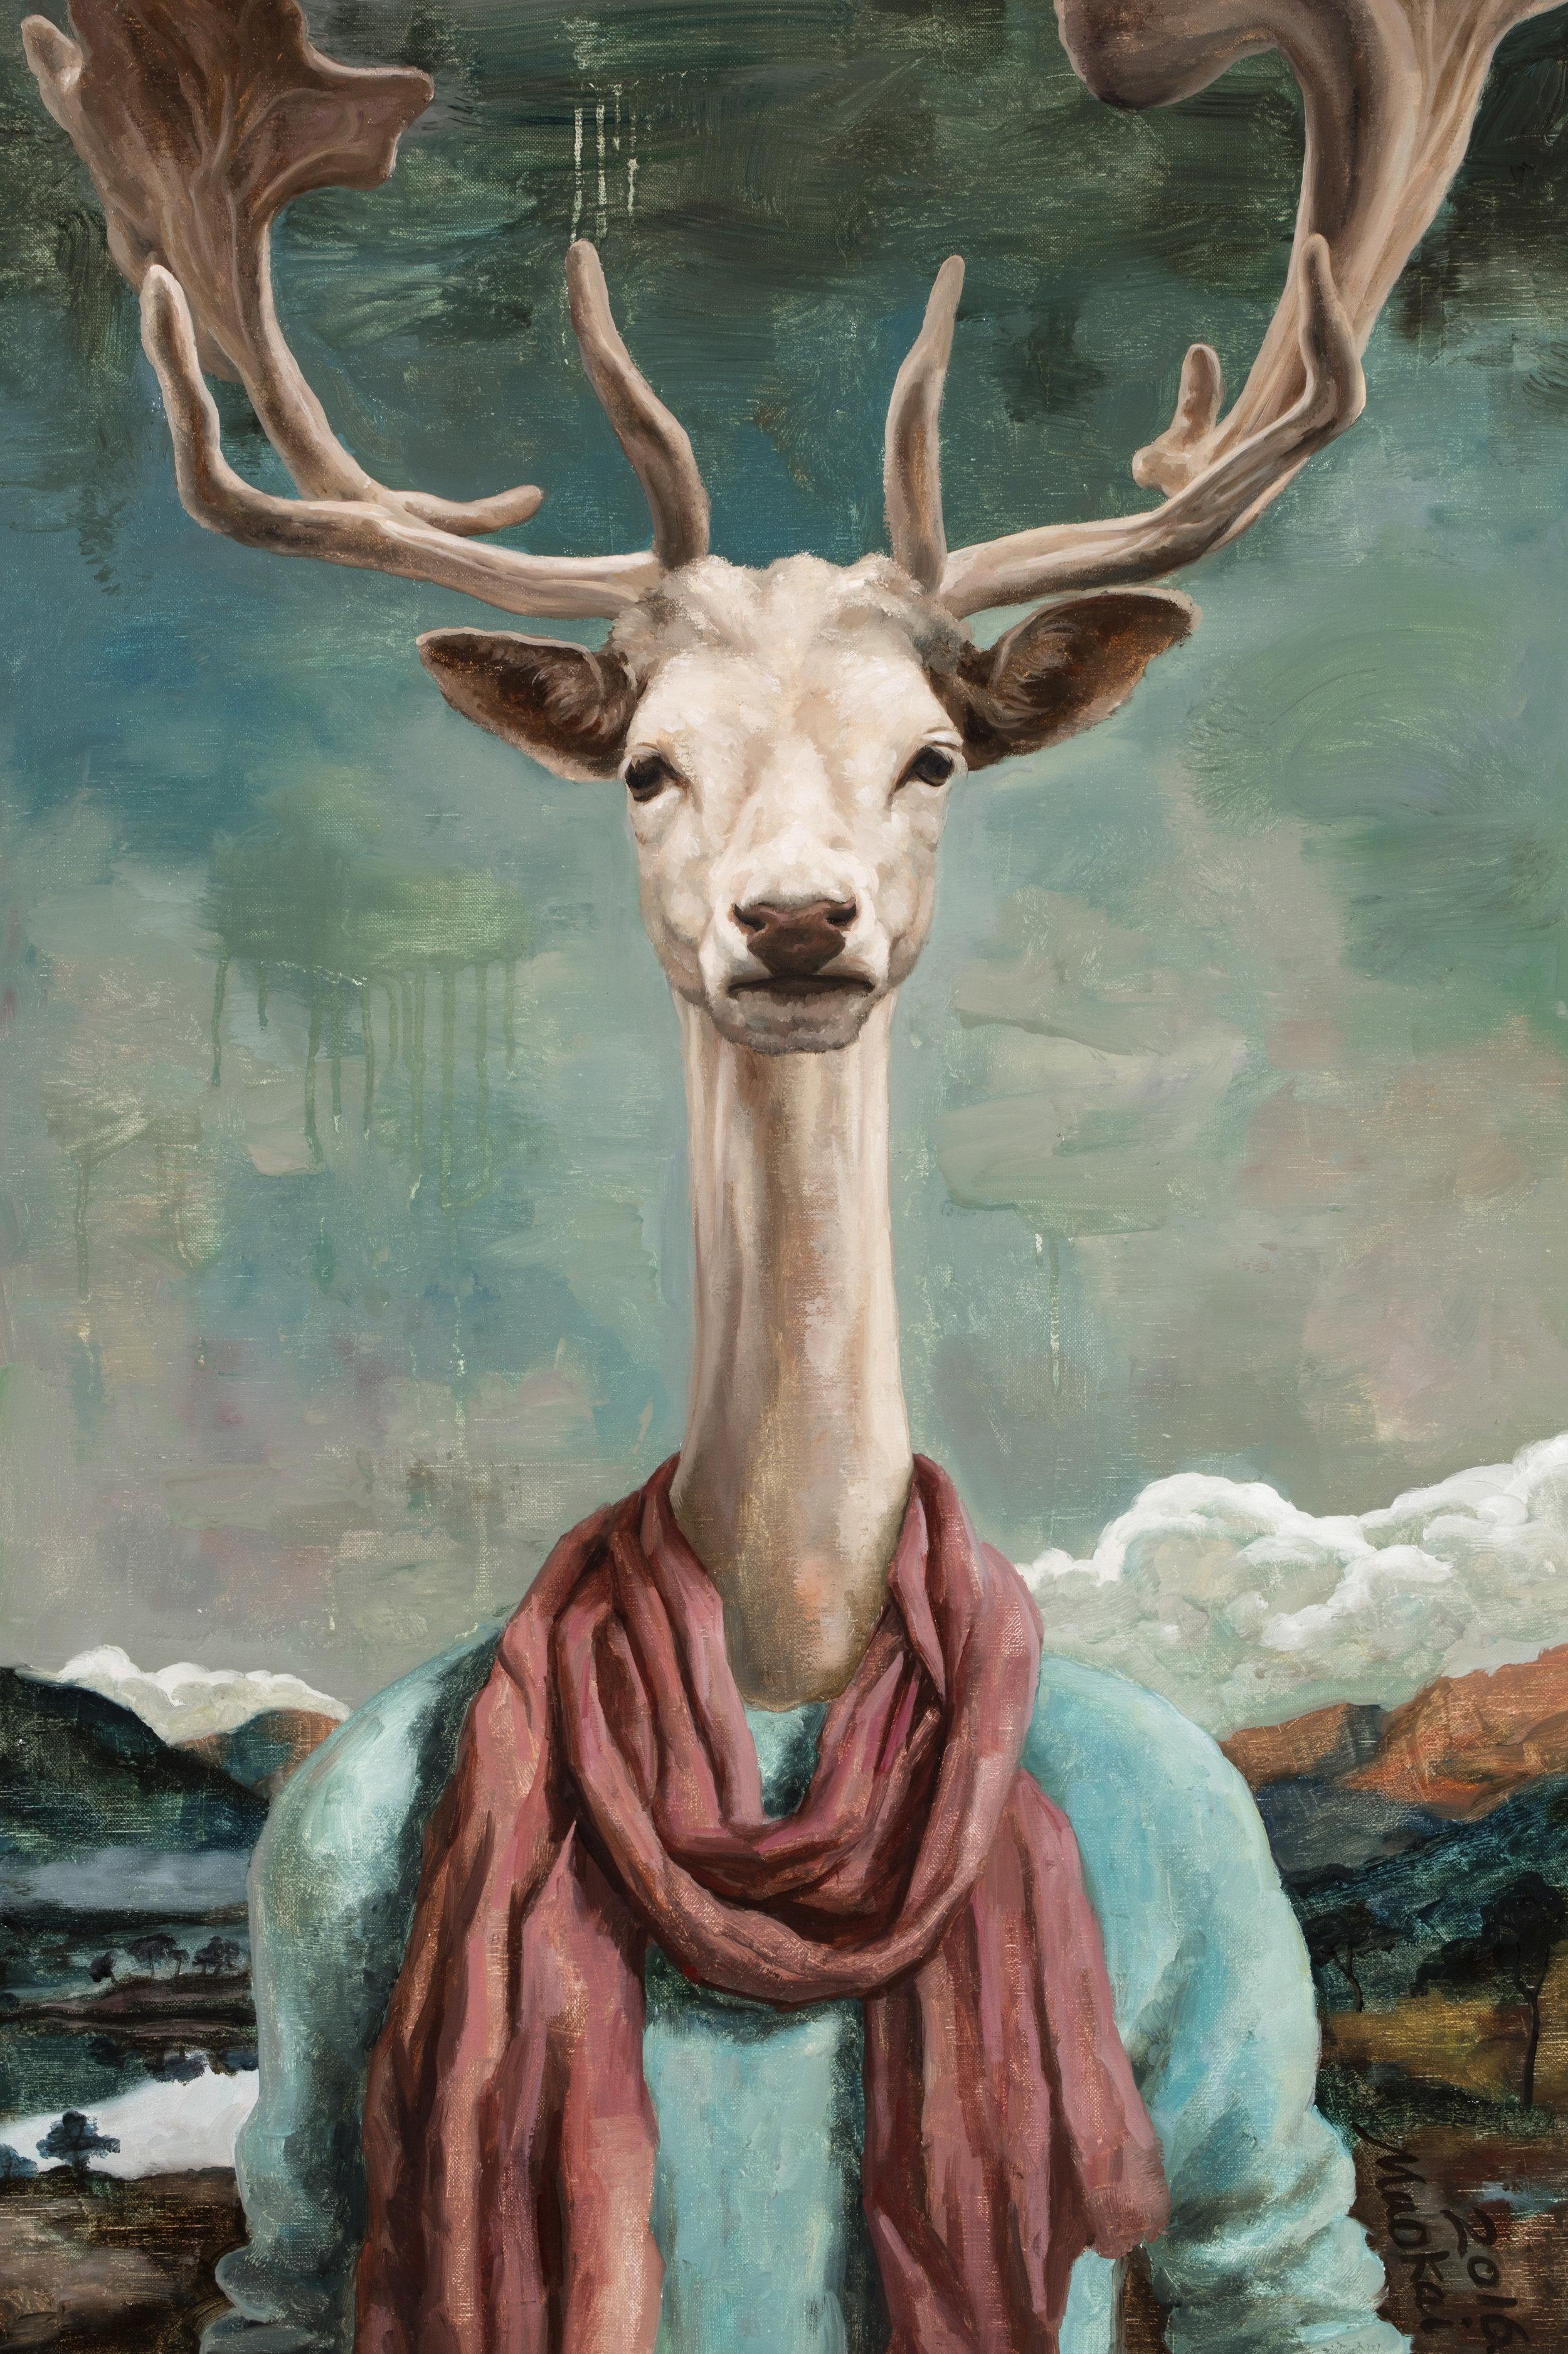 Kai Mao, Mr. Deer, 2016 Oil On Linen, 90x60 cm